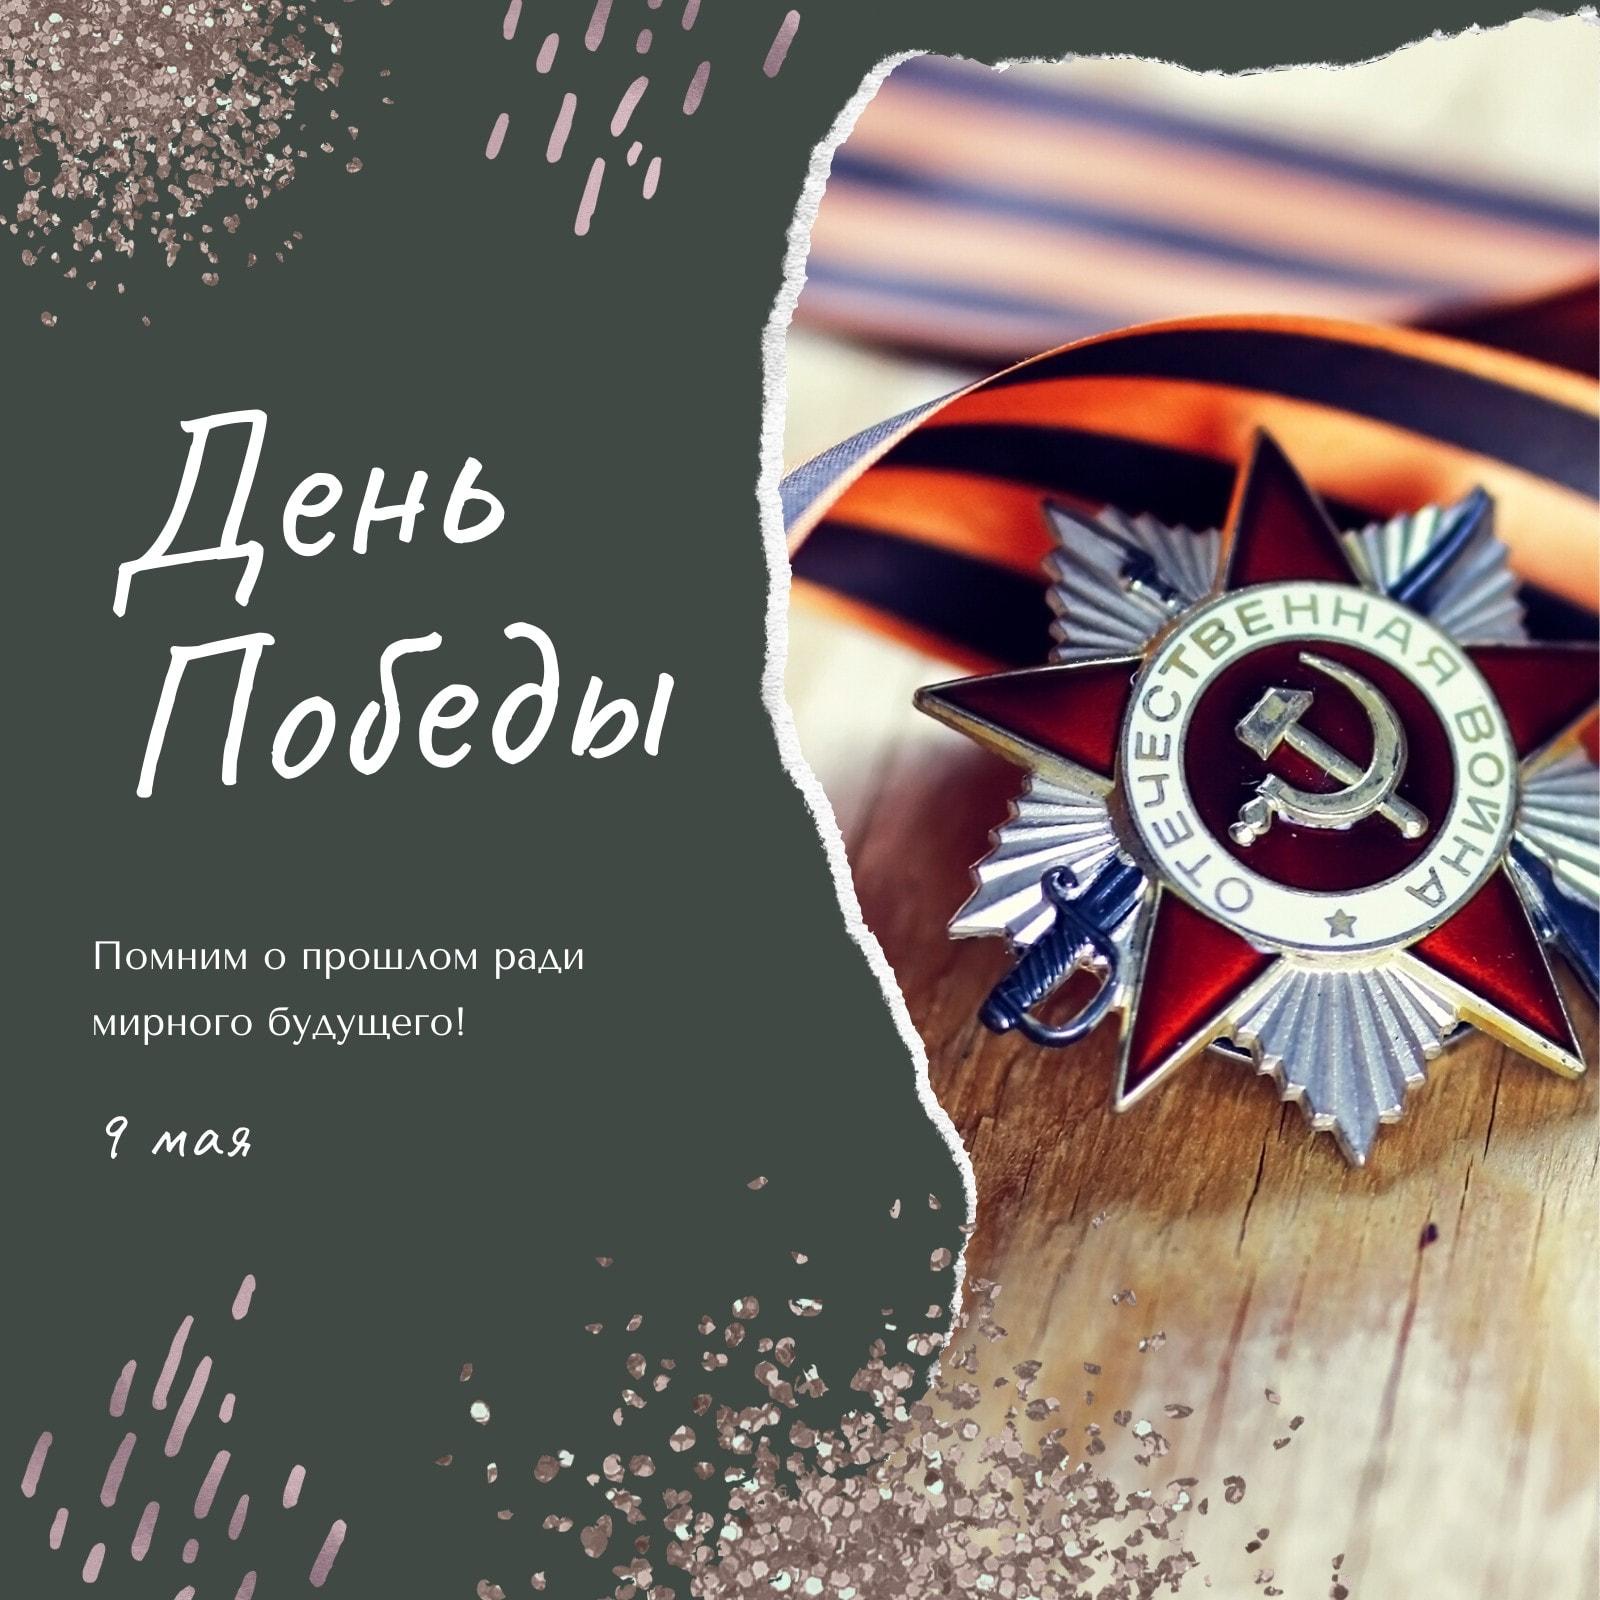 Серая публикация в Instagram ко Дню победы с Георгиевской лентой и красной звездой